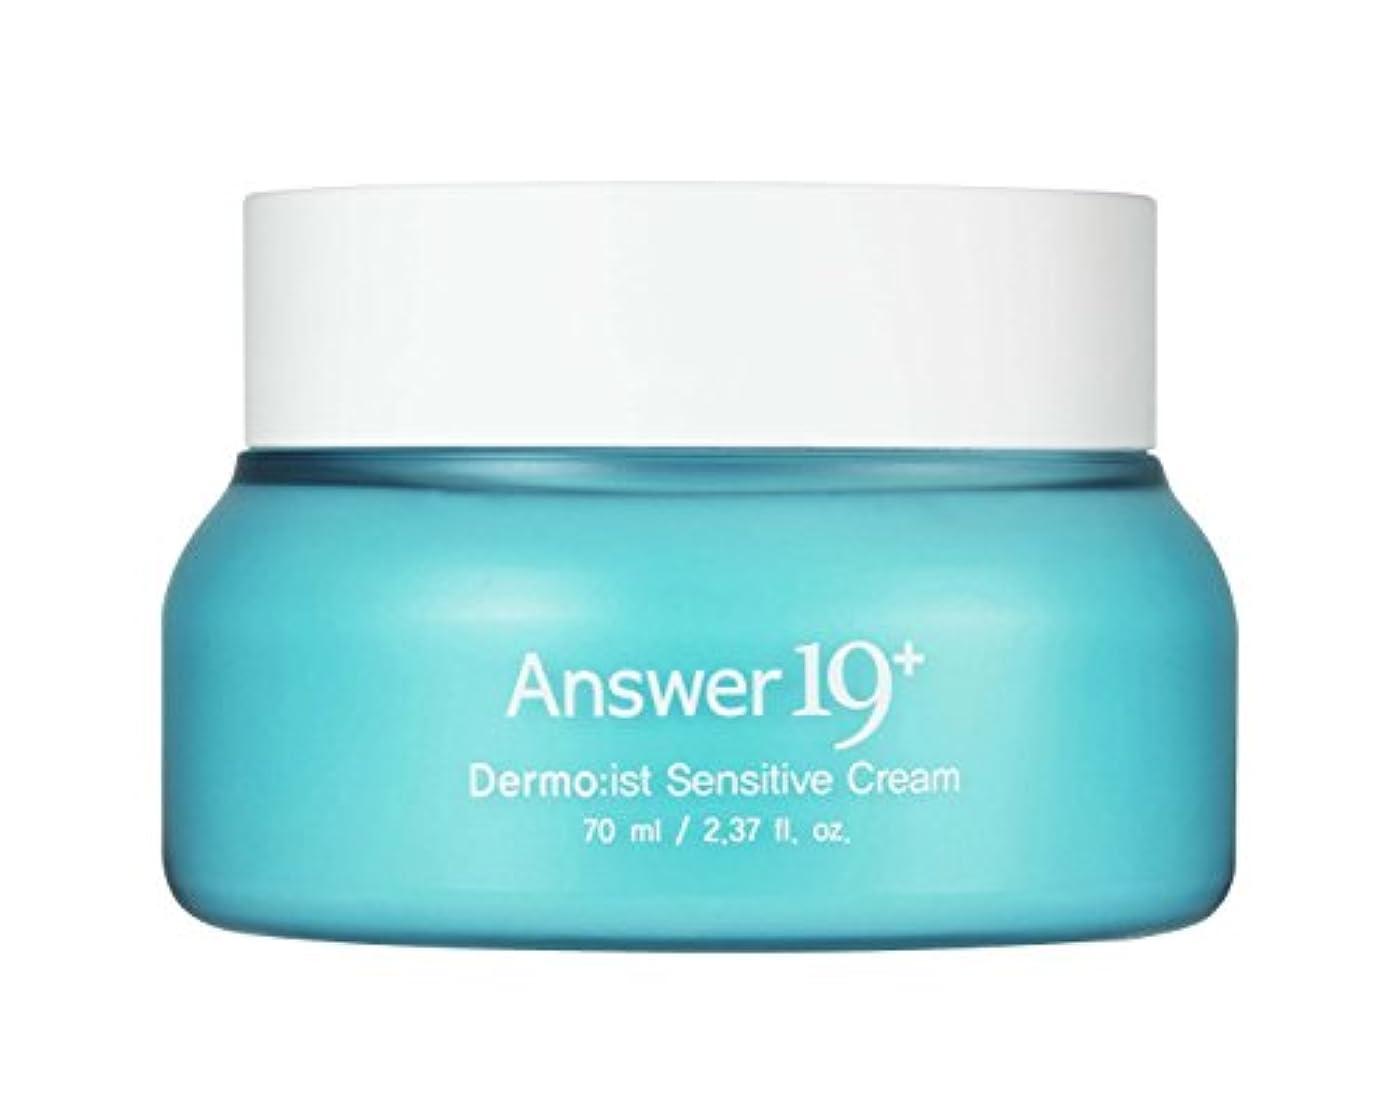 不可能な呼び出す雄弁[ANSWER NINETEEN +] 感受性クリーム - 敏感肌のための深いモイスチャライジング、鎮静効果。 天然スーパーフード成分、パンテノール(ビタミンB5)、ベータグルカン、ヒアルロン酸、70ml